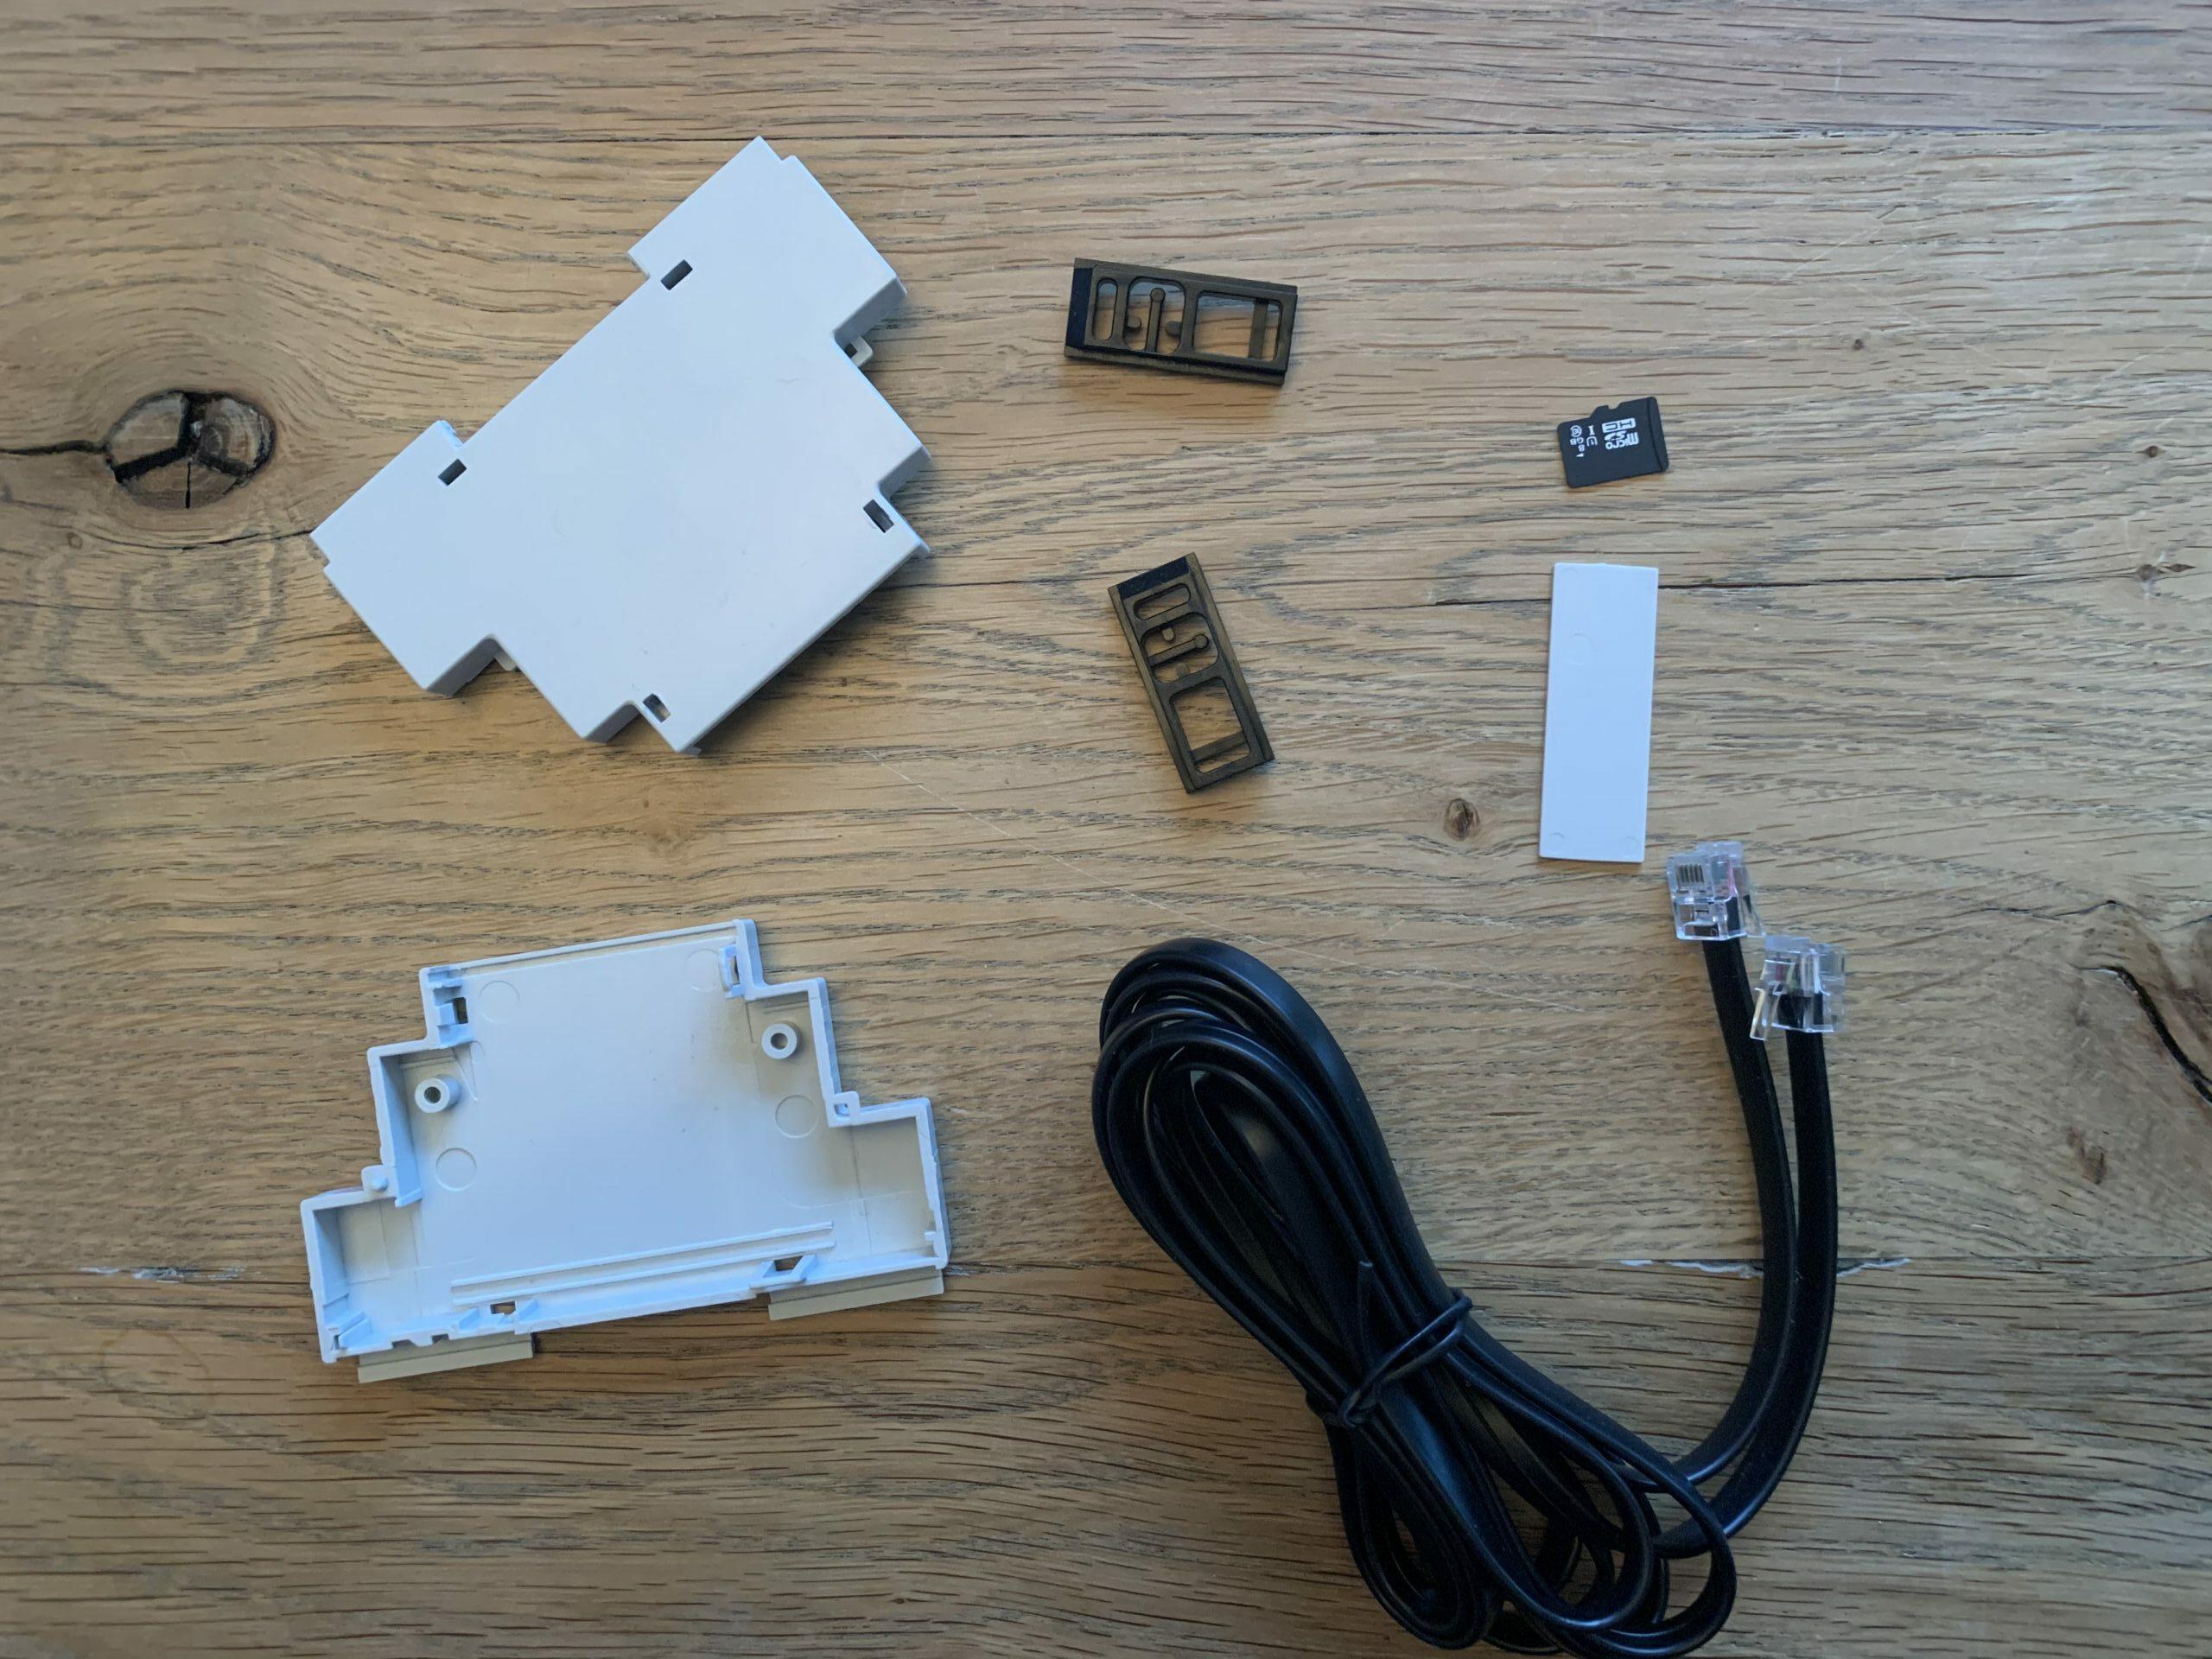 P1G2 nieuwe hardware